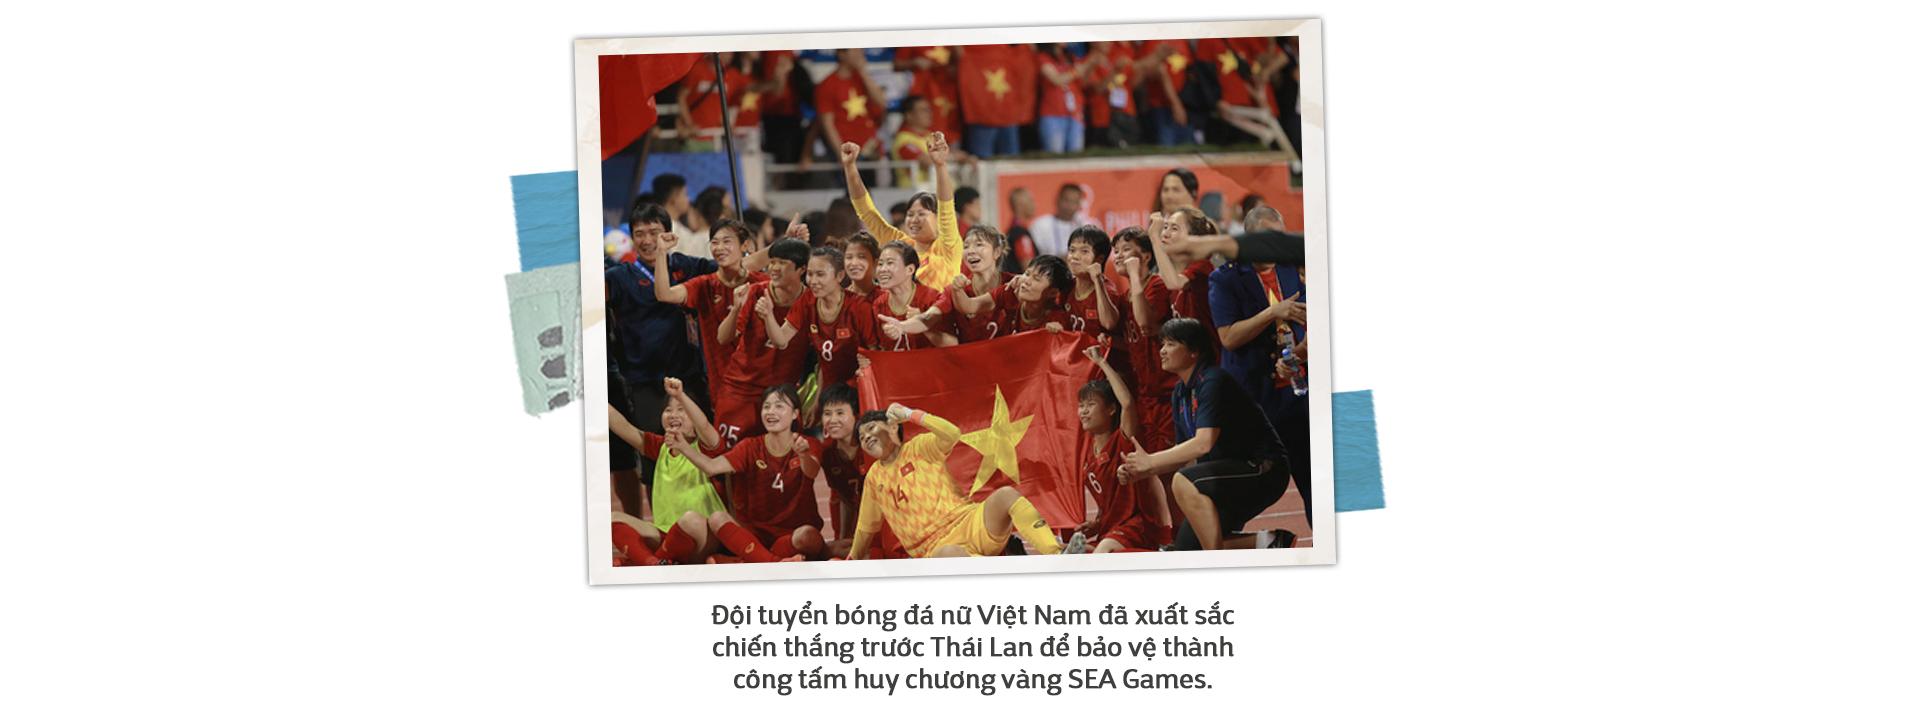 Những câu chuyện nóng hổi tạo trend trong giới trẻ Việt 2019 - Ảnh 24.